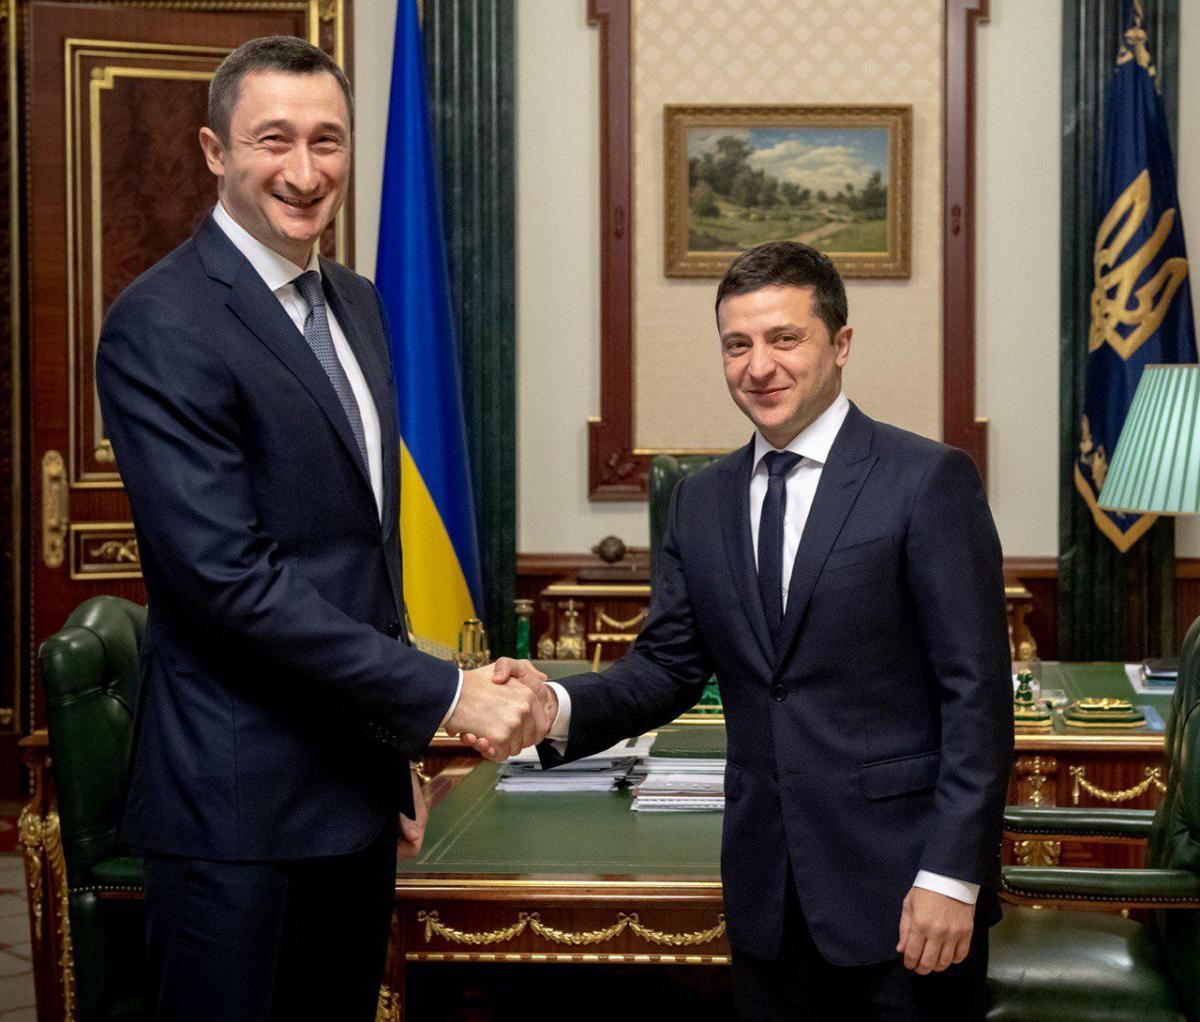 Зеленский назначил Чернышева председателем Киевской ОГА / фото - Офис Президента